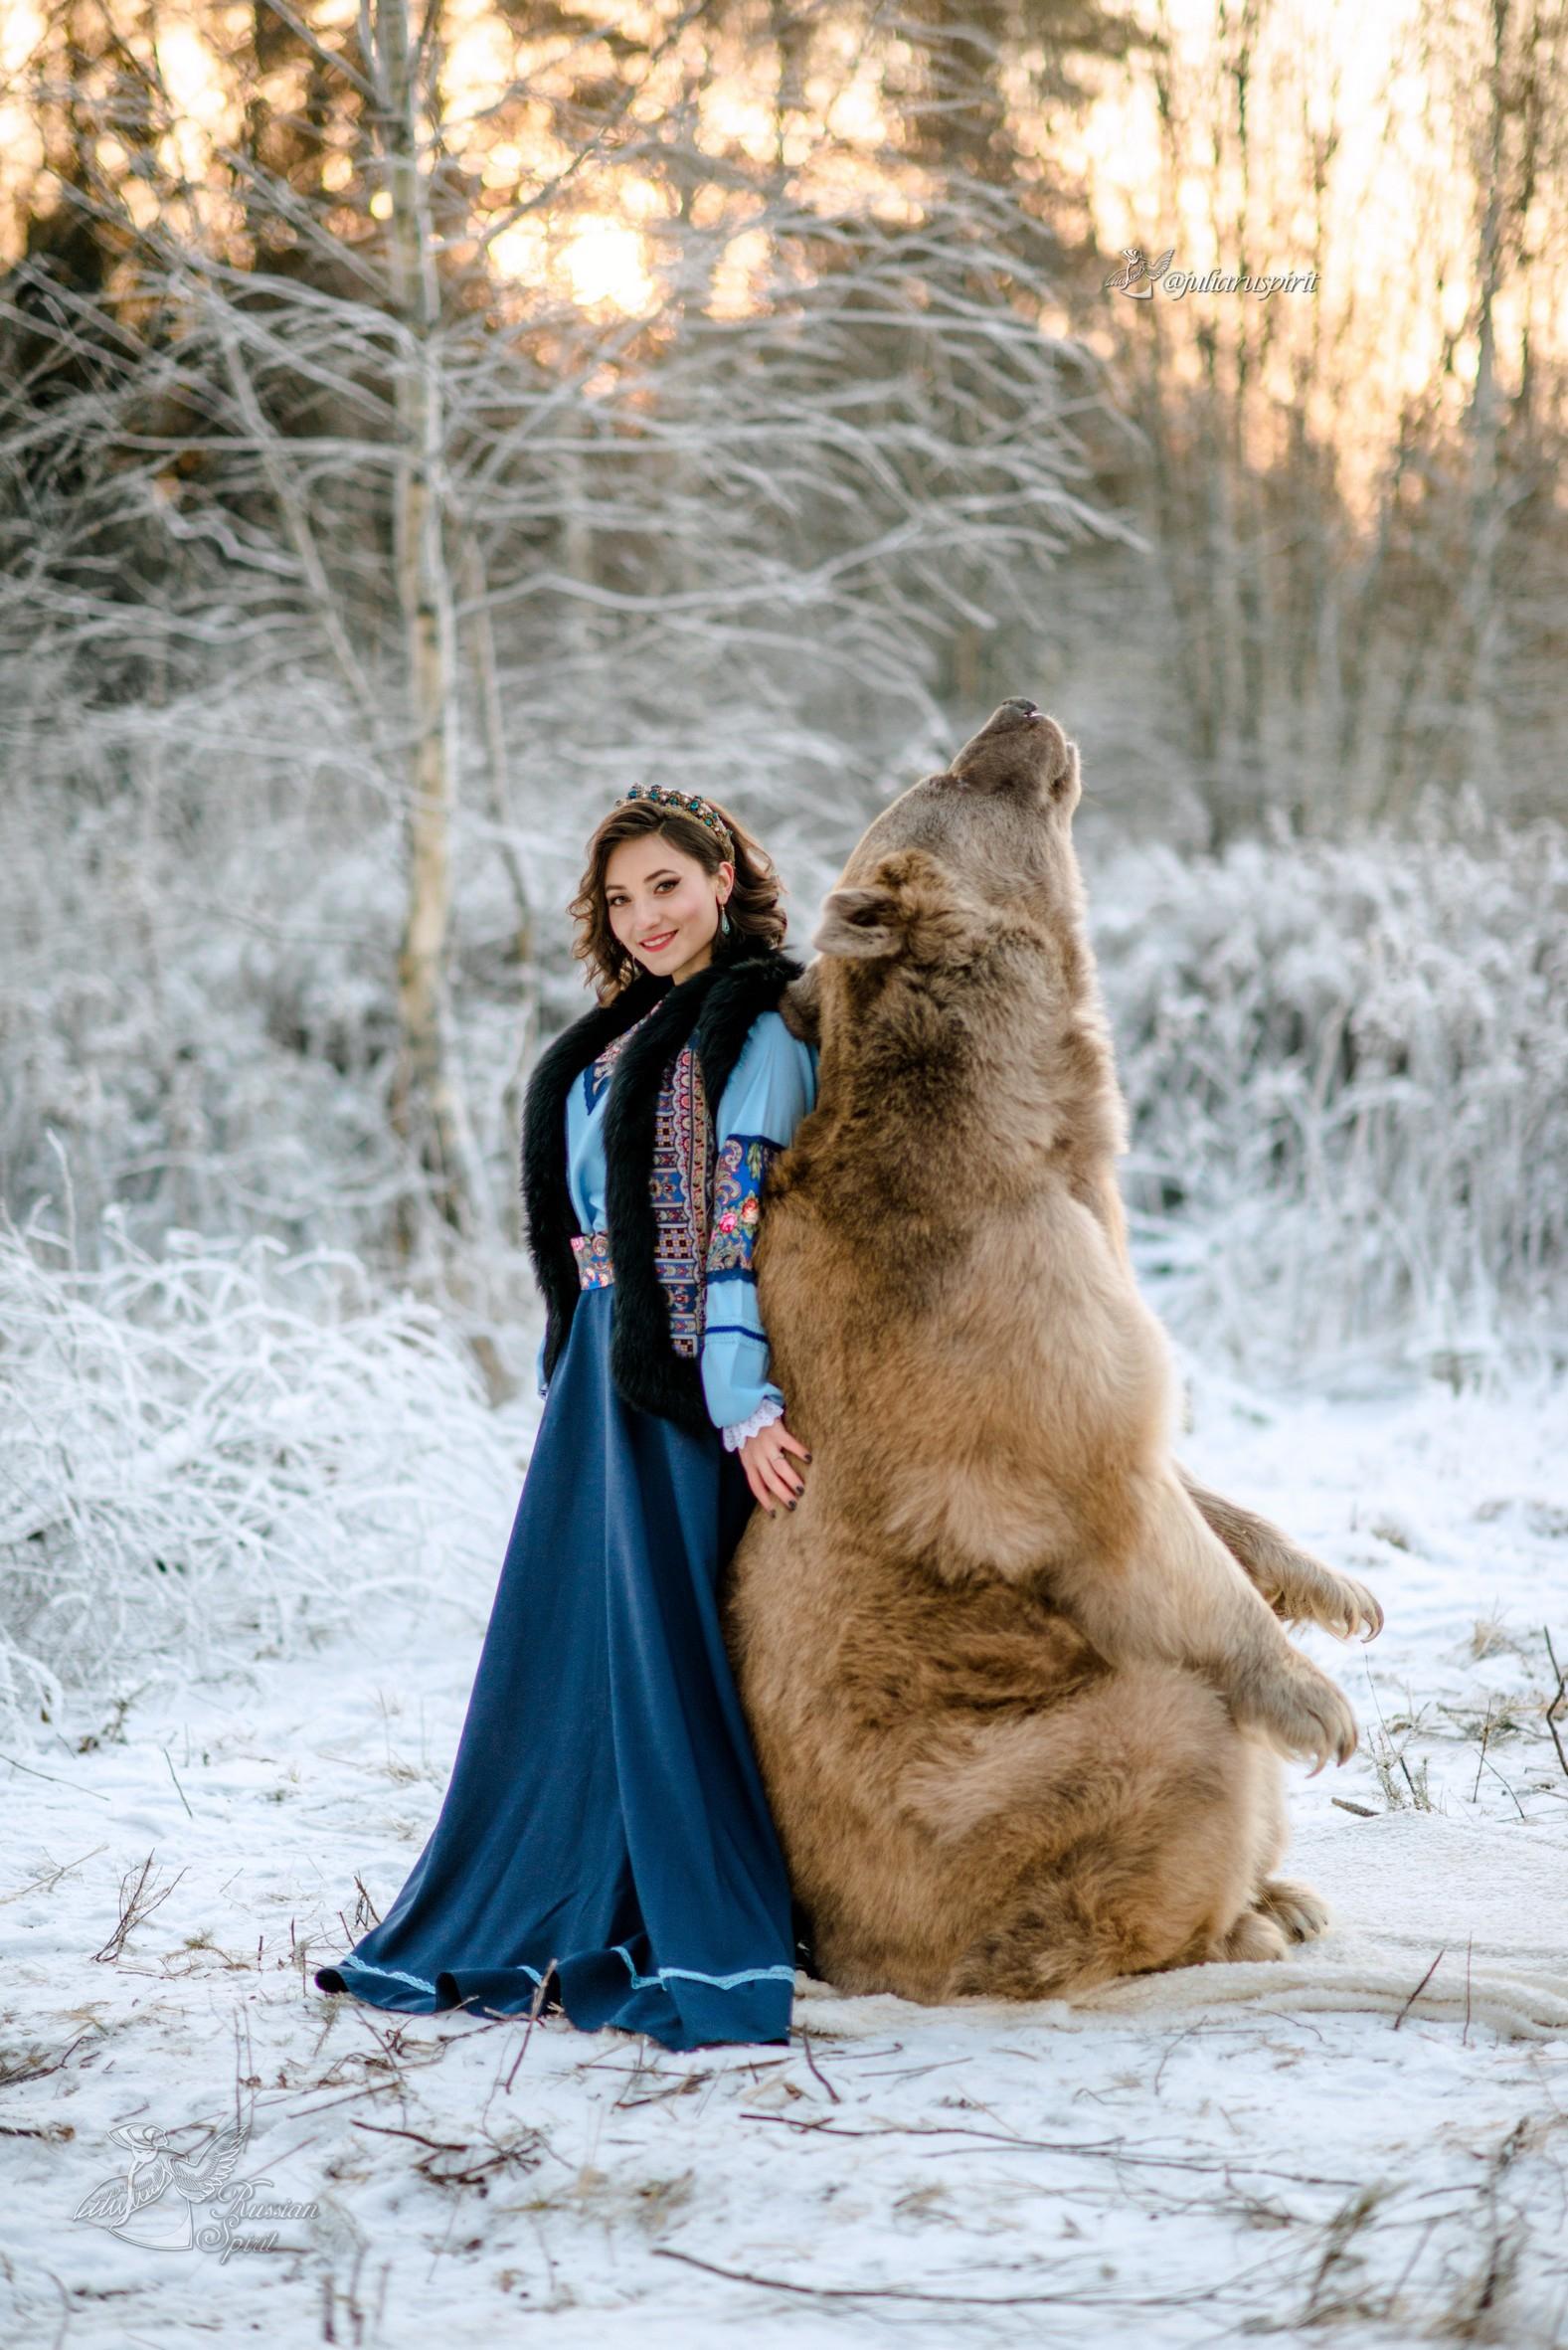 Девушка в русском народном платье и медведь фотосессия